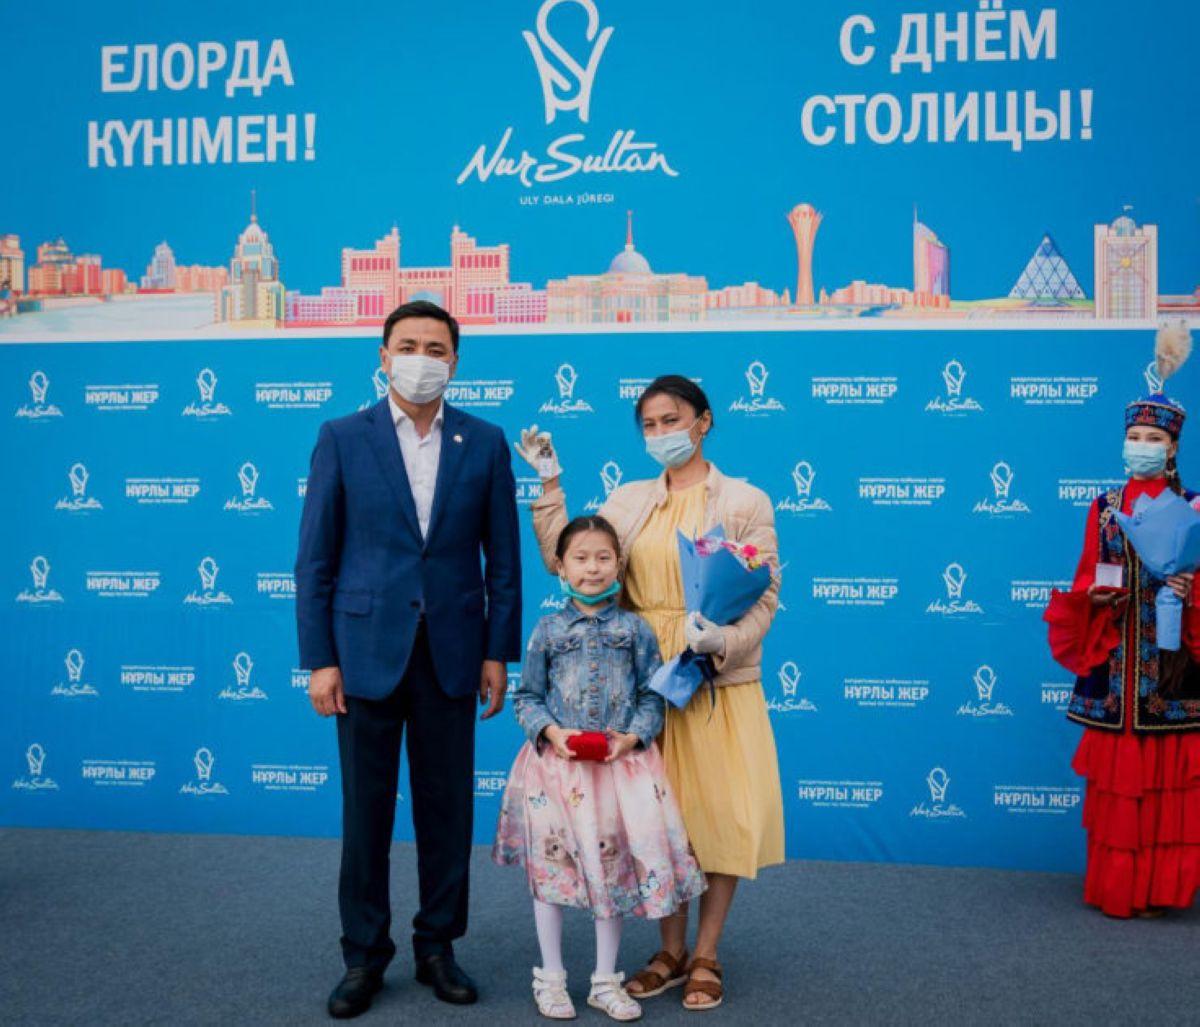 Астанада көптен бері тұрғын үй кезегінде тұрған азаматтар баспаналы болды – Алтай Көлгінов